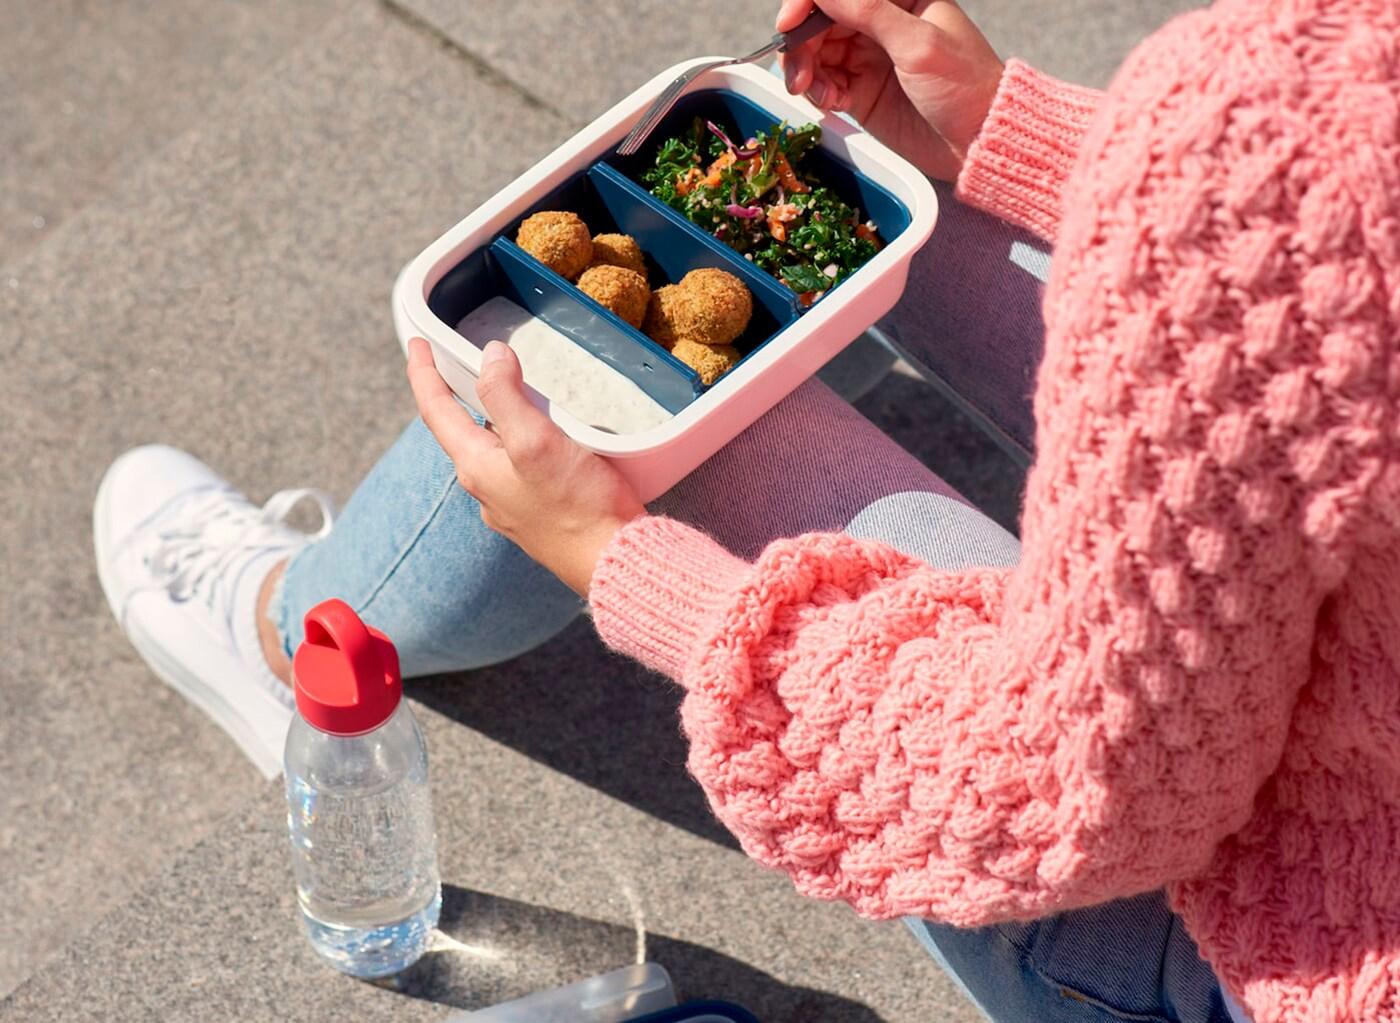 Una mujer comiendo en un recipiente de plástico para alimentos de IKEA junto a una botella de plástico transparente llena de agua.